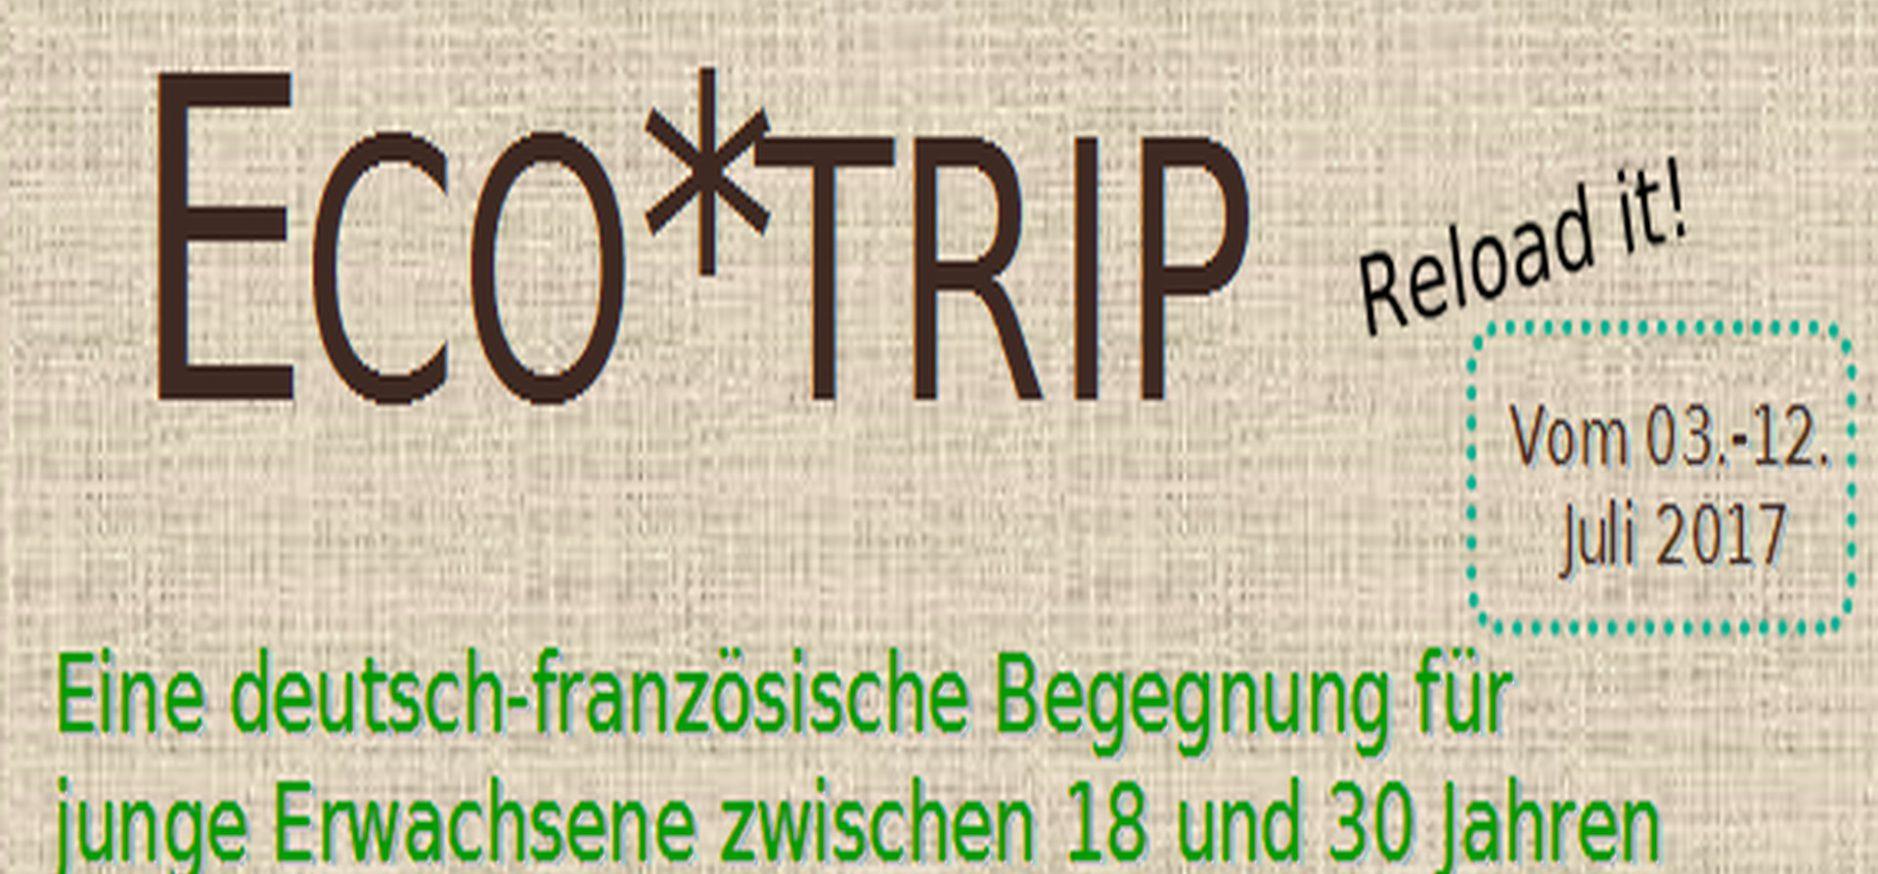 Eco*trip reloaded wartet auf Dich!